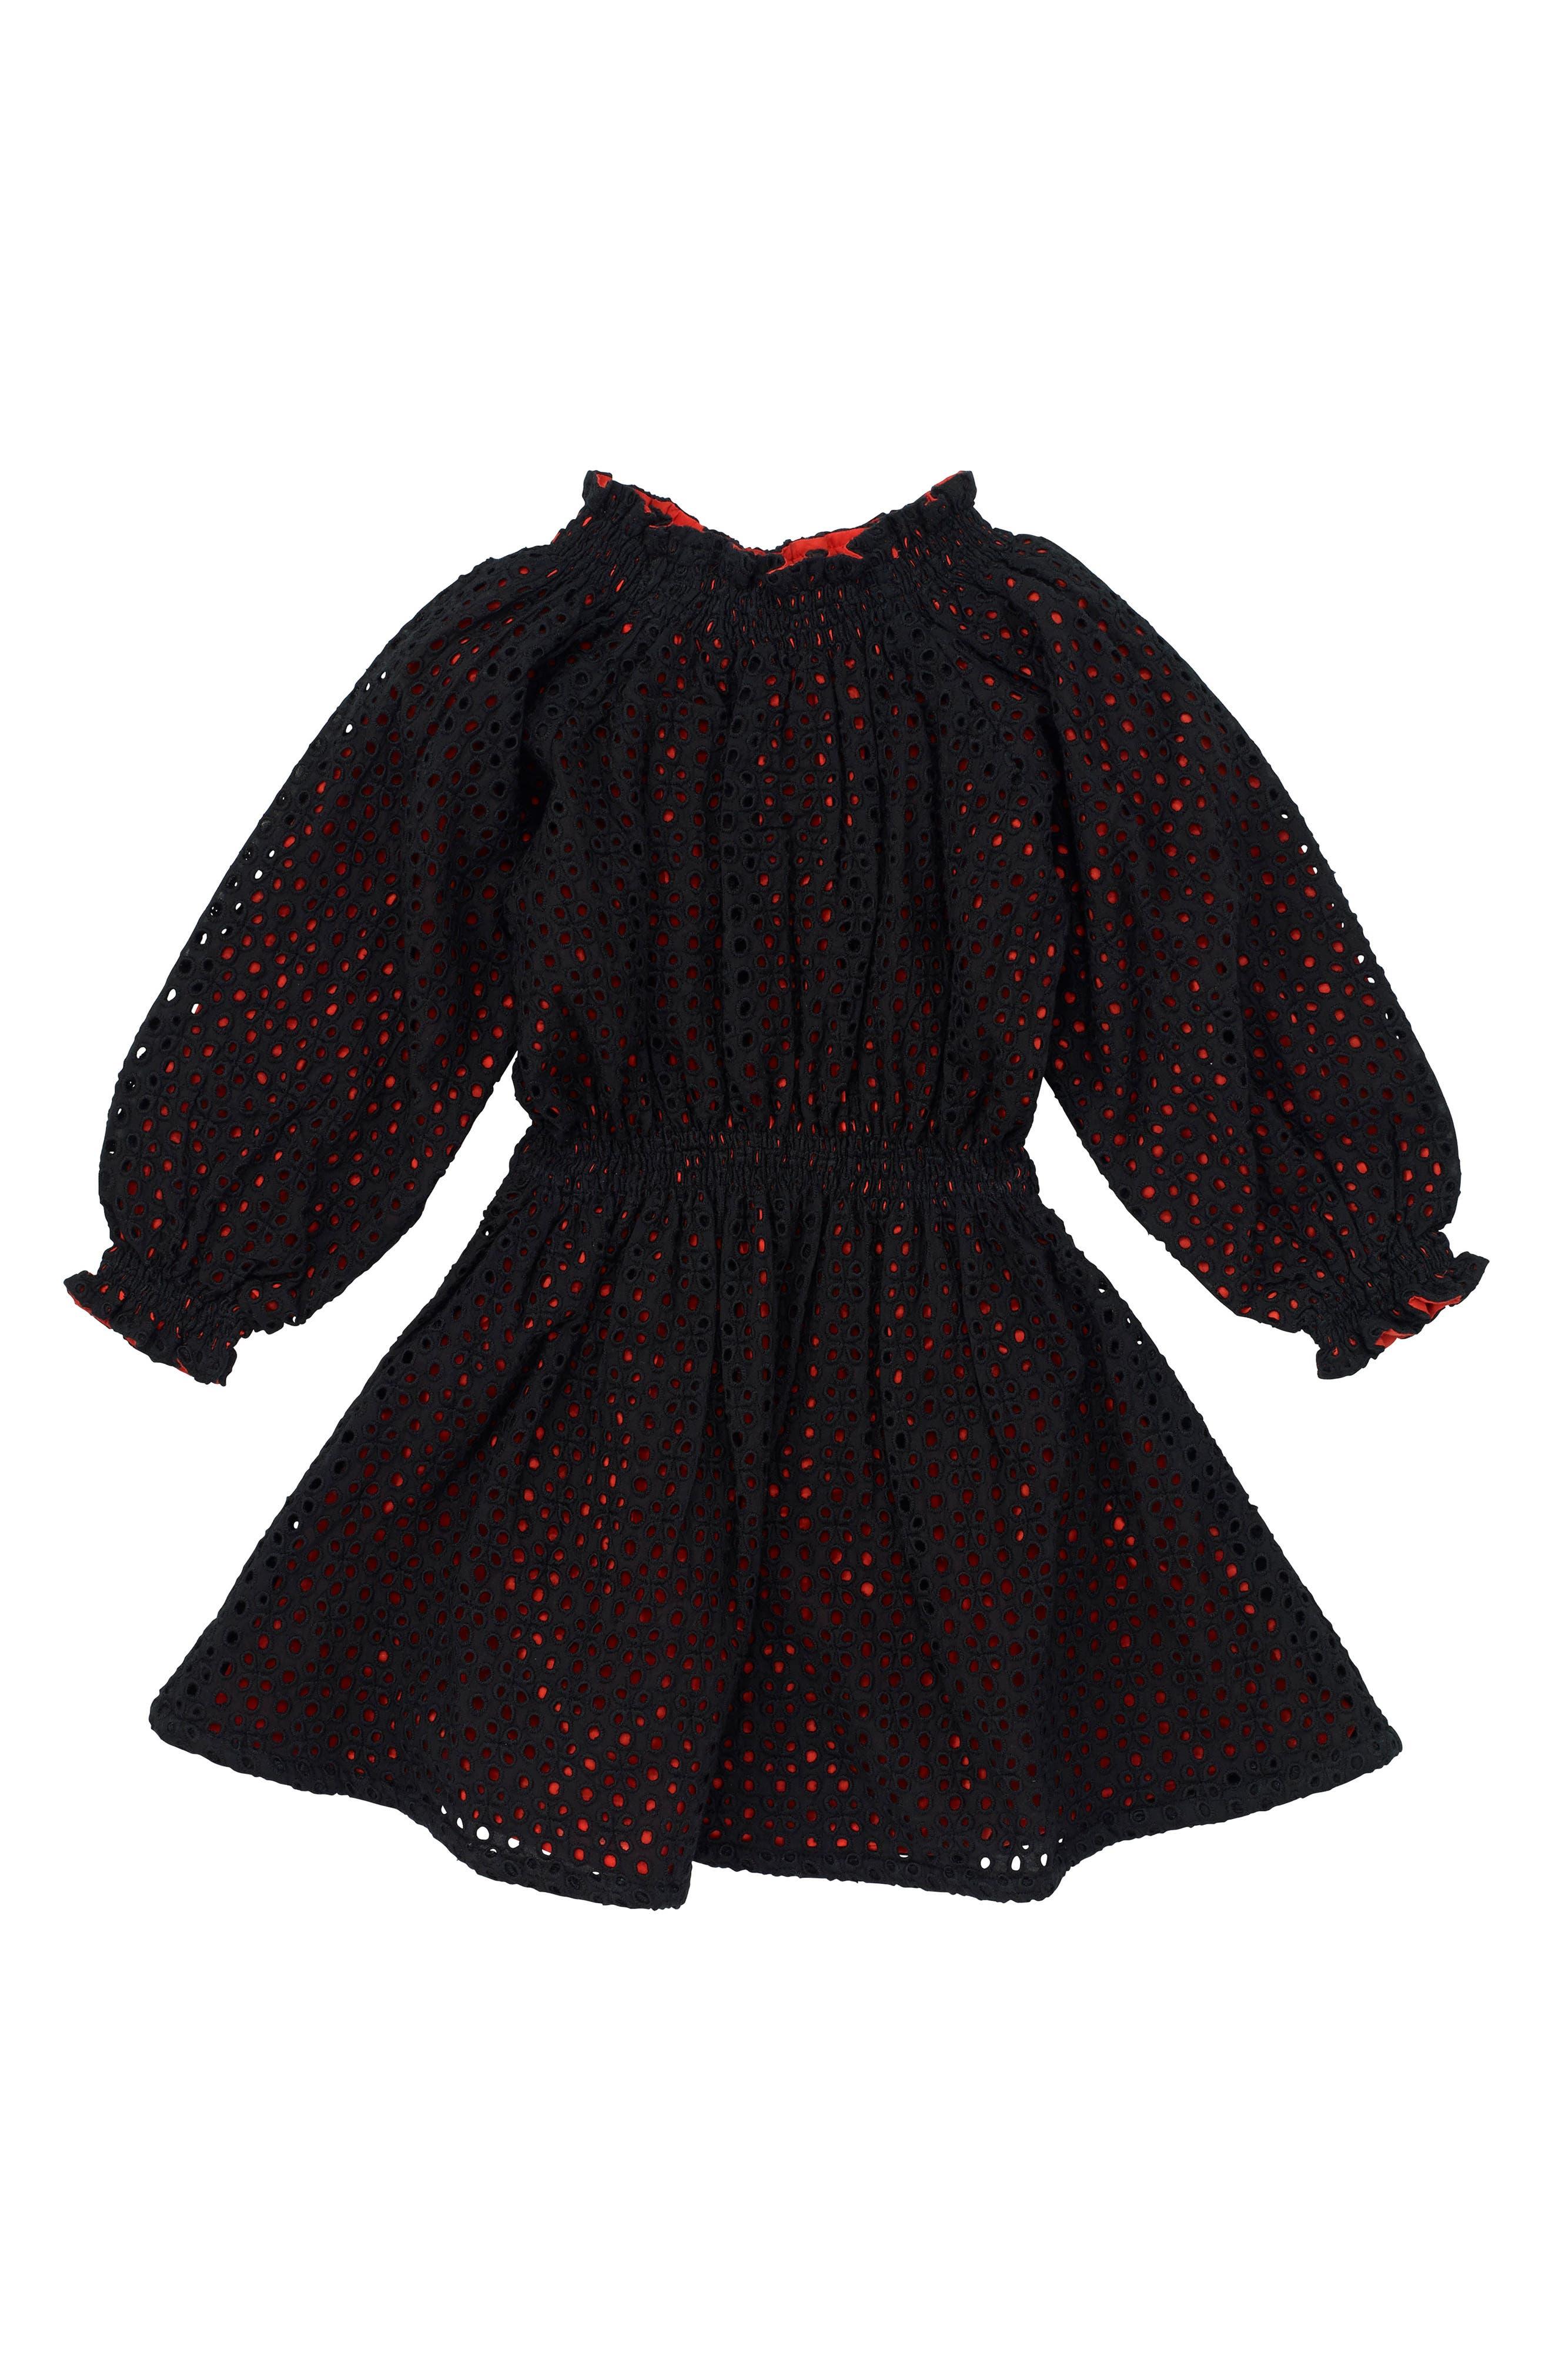 Main Image - Masalababy Spellbound Dress (Toddler Girls, Little Girls & Big Girls)